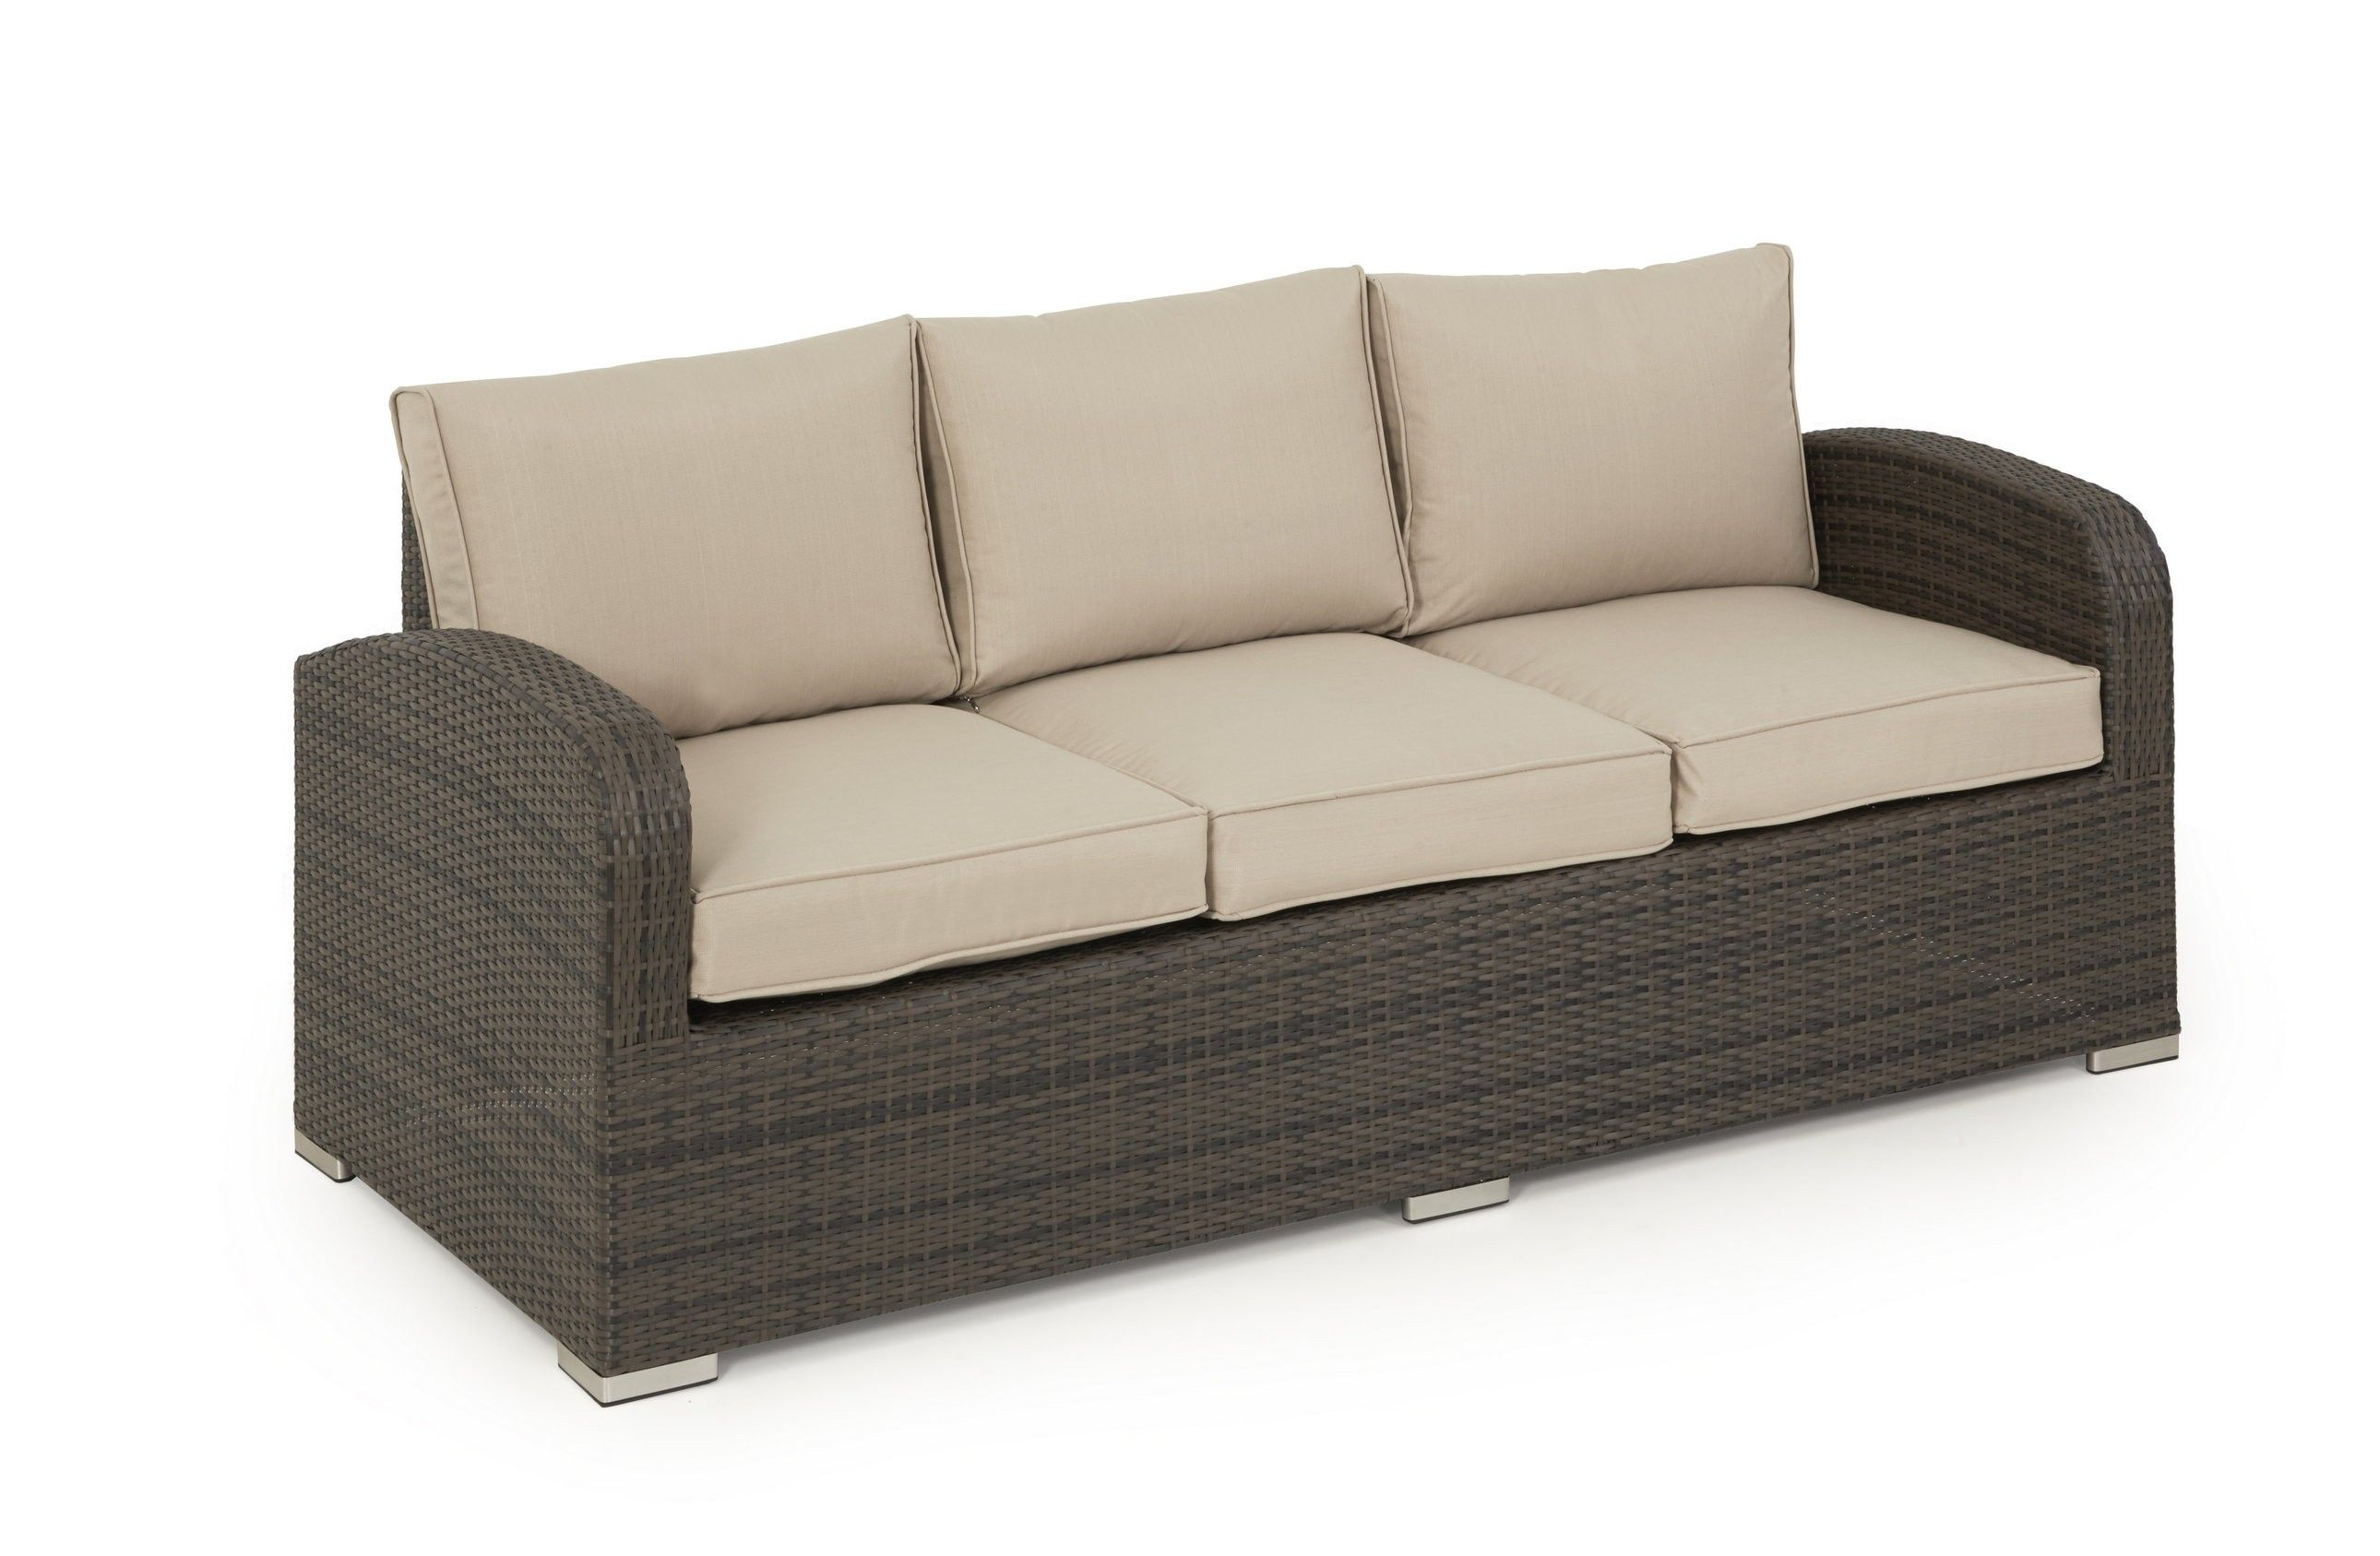 cool La Sofa Trend La Sofa 62 For Your Modern Sofa Ideas with La